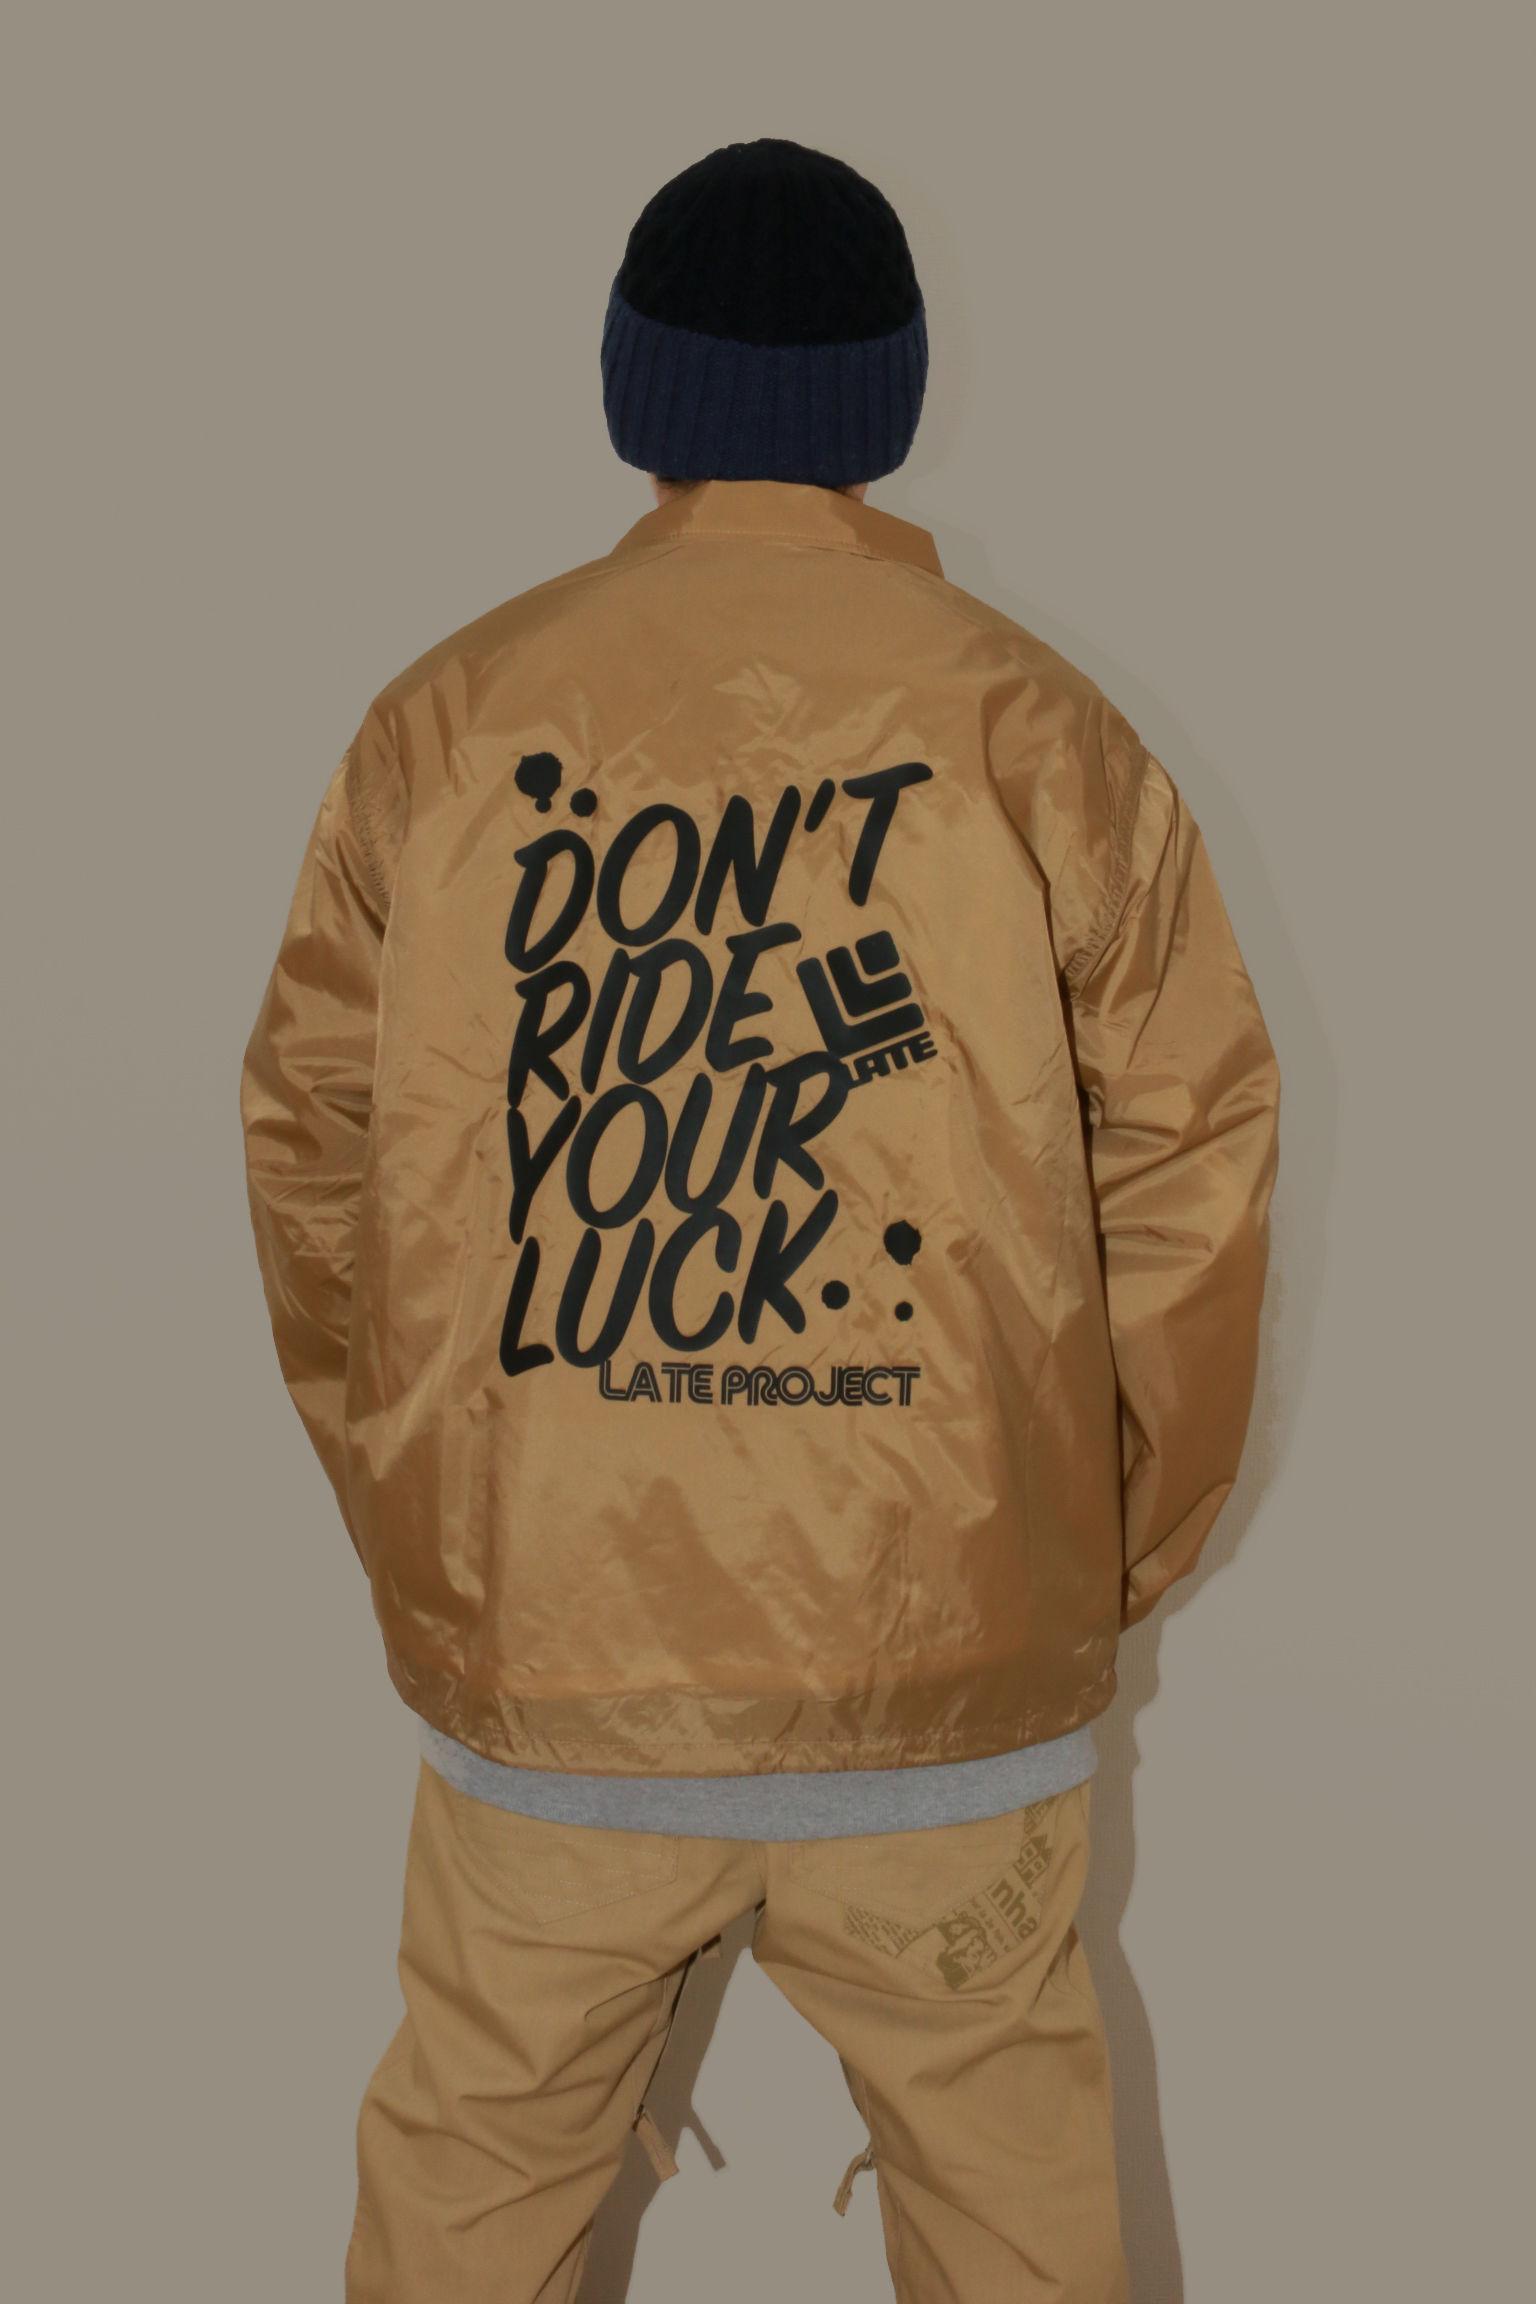 コーチジャケット『DON'T RIDE YOUR LUCK』ベージュ×ブラック【送料無料】早期割10%off13日まで延長・17日締切【残り2着】